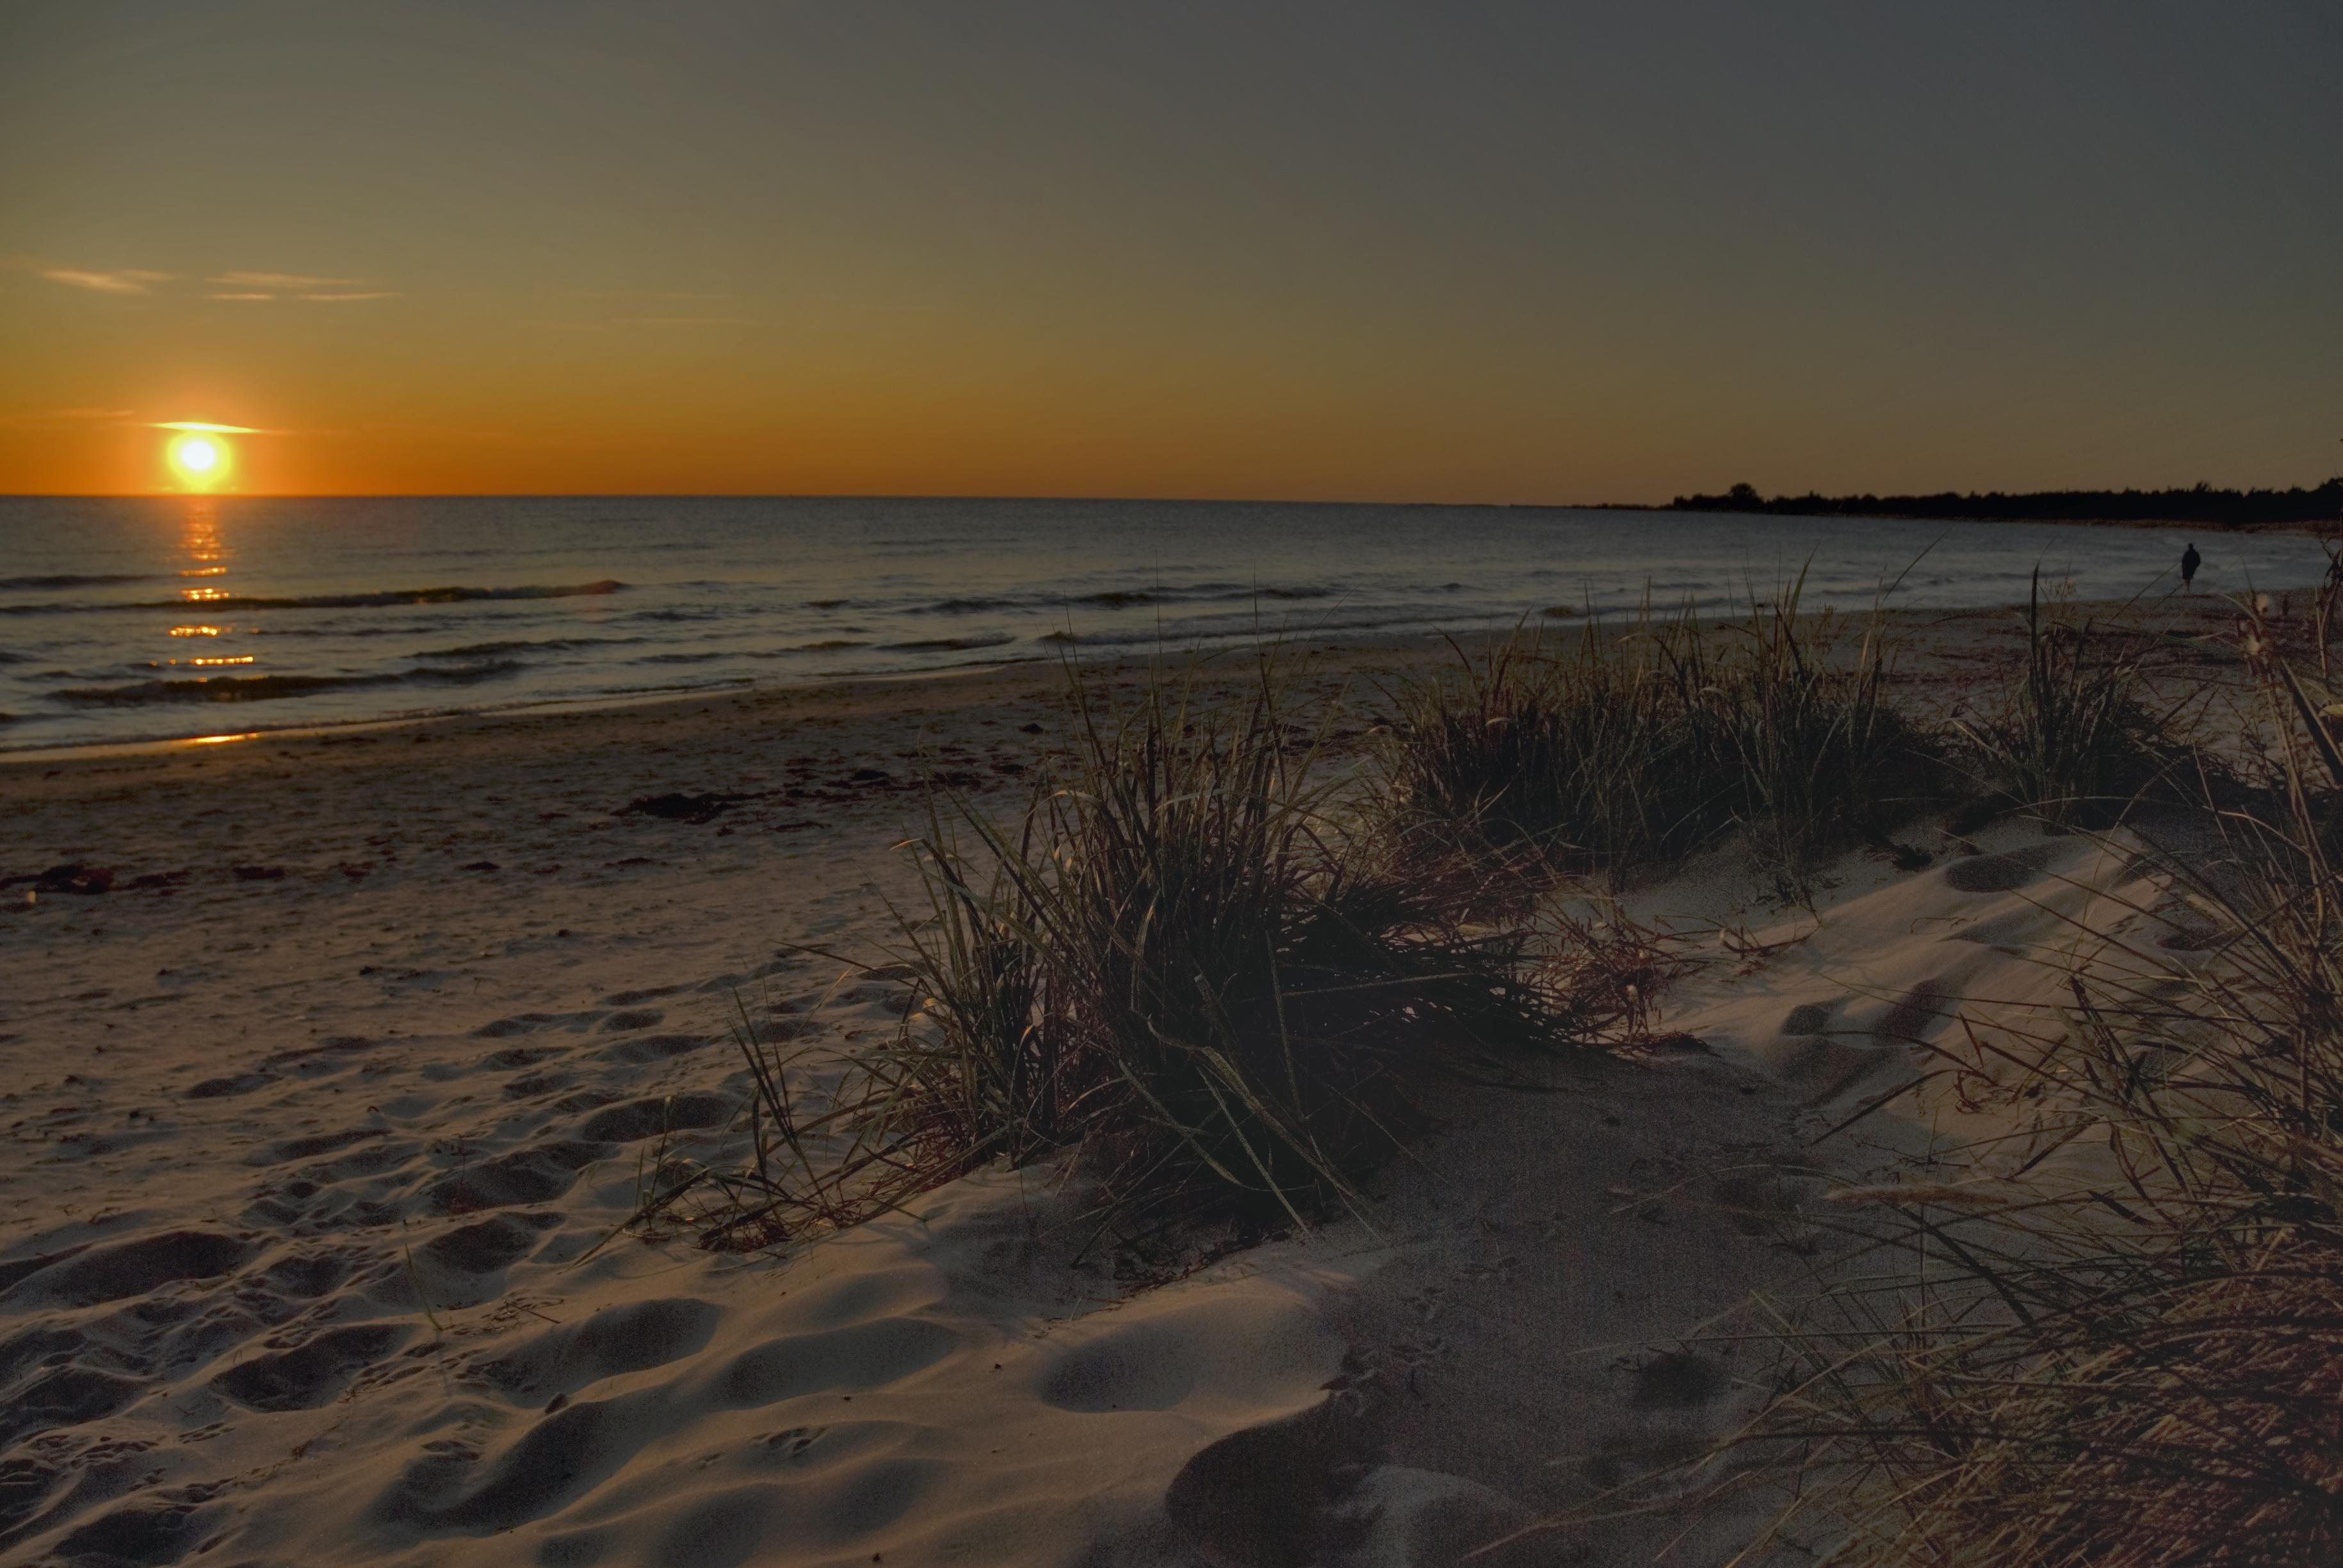 descriptive essay about sunset